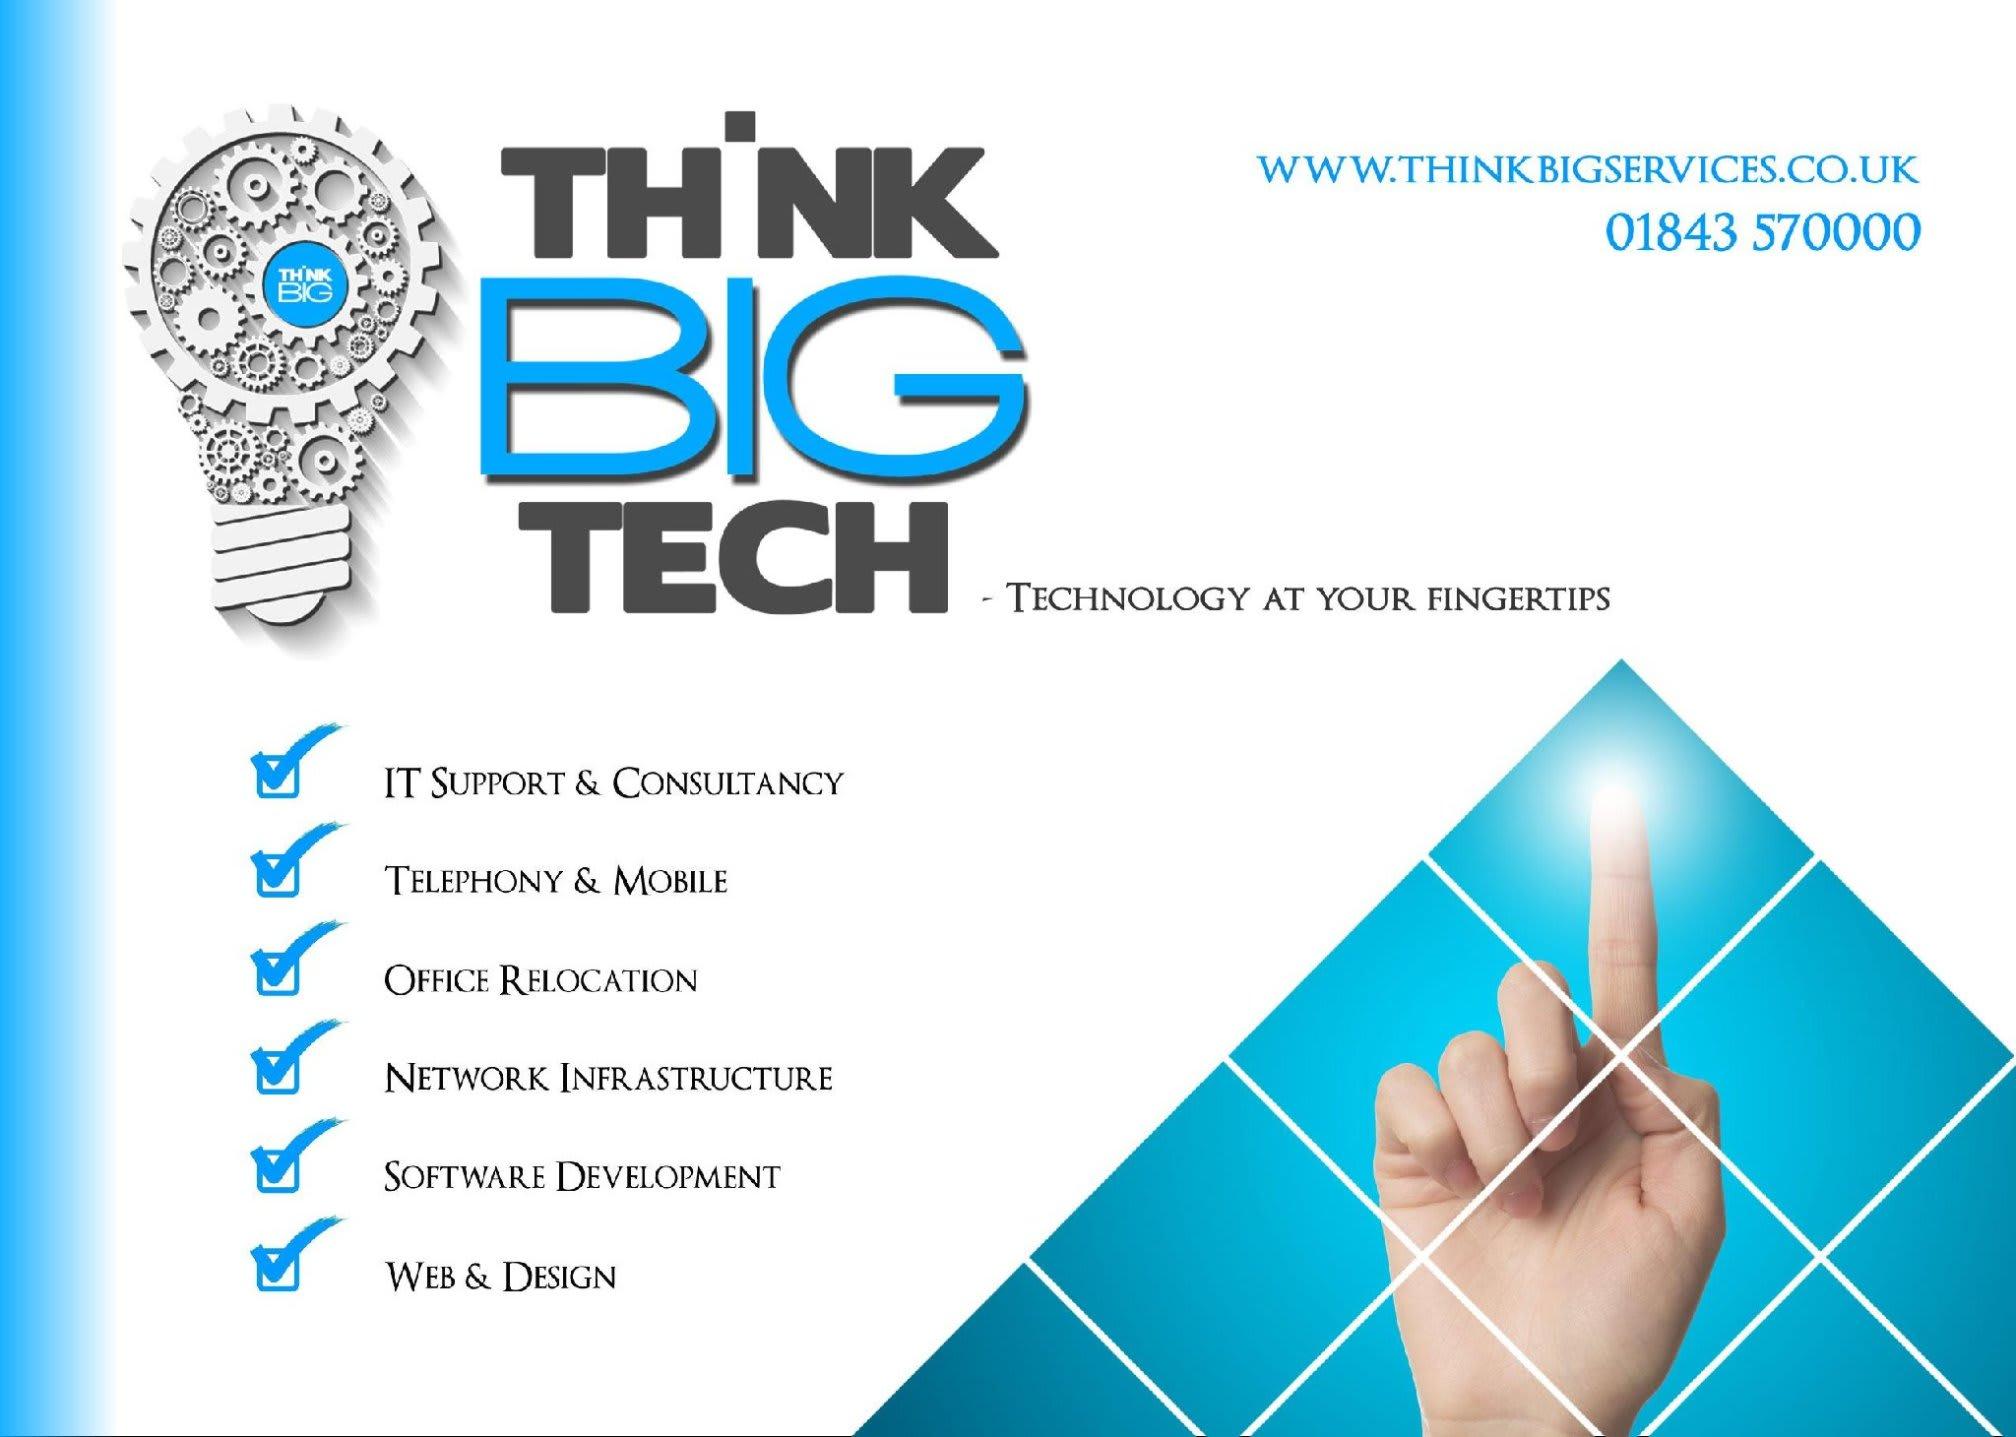 Think Big Tech